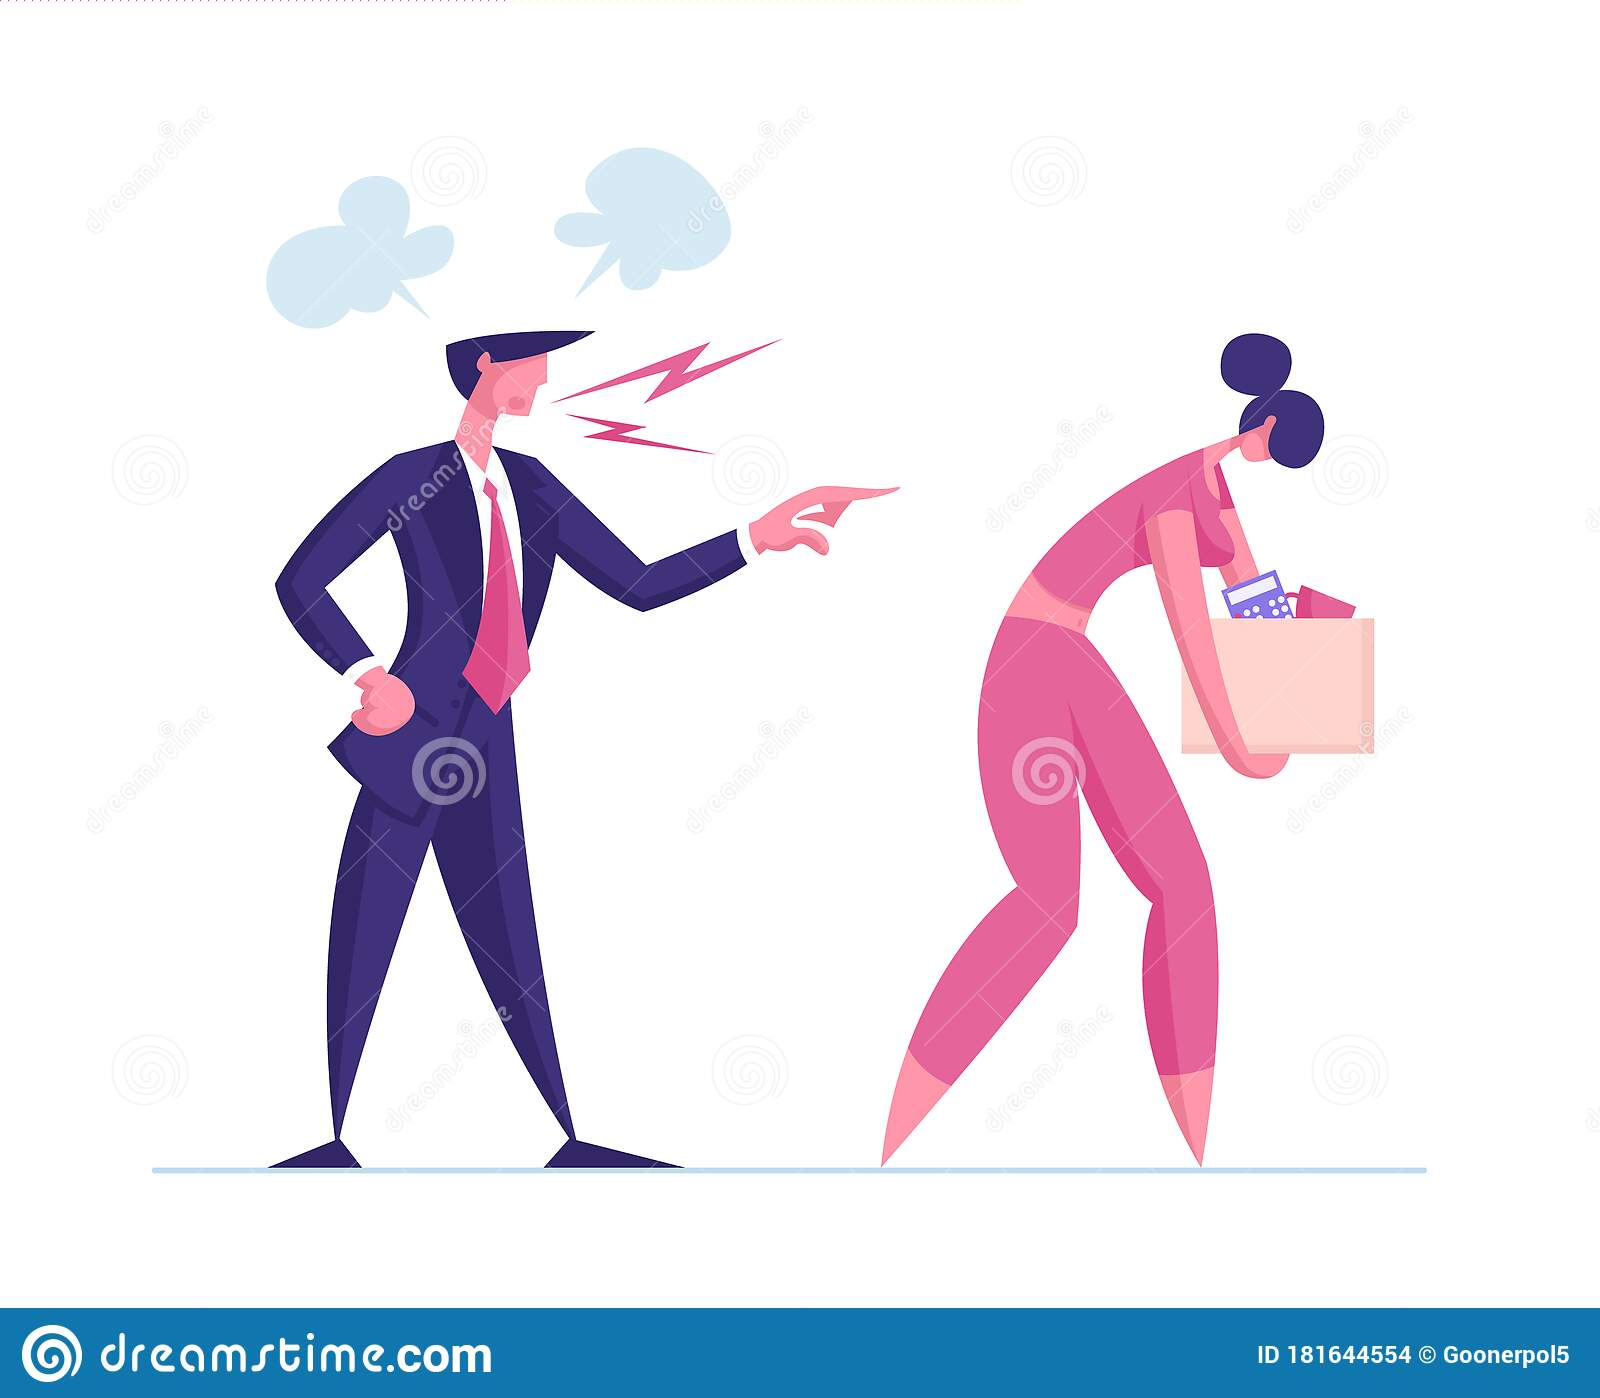 Девушки идущие на работу пьер карден колготки официальный сайт